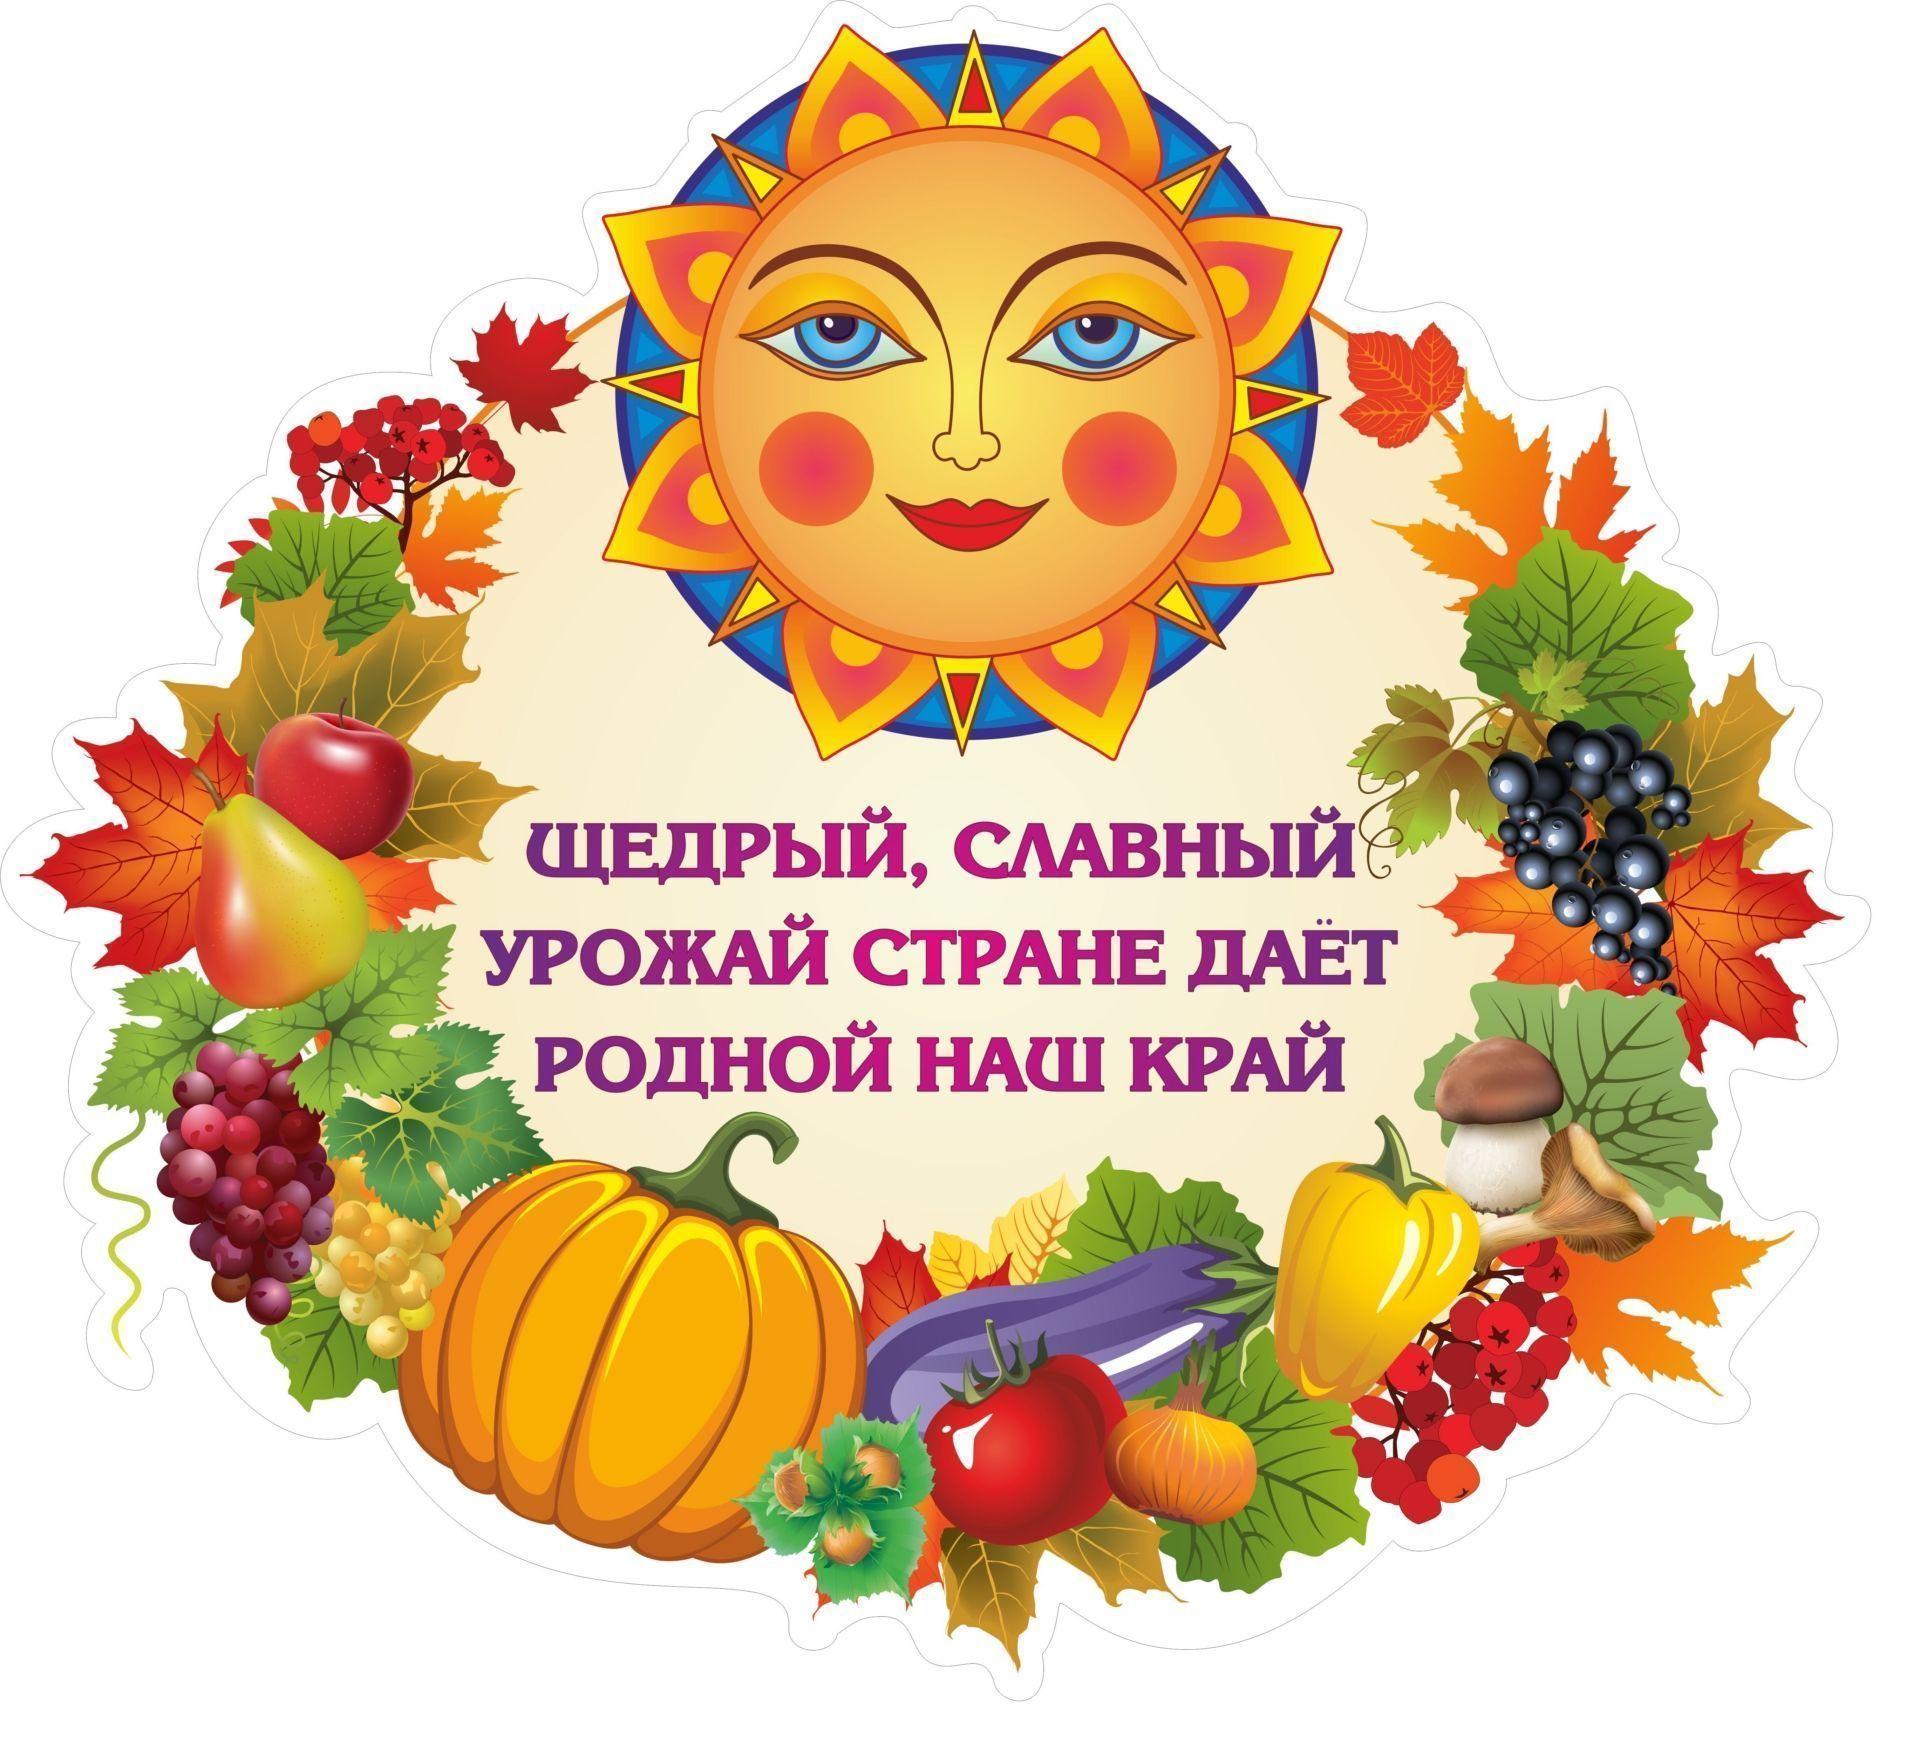 Плакат вырубной Осенний урожай: 350х383 ммВырубные фигуры<br>.<br><br>Год: 2017<br>Серия: Вырубные фигуры для оформления<br>Высота: 383<br>Ширина: 350<br>Переплёт: набор